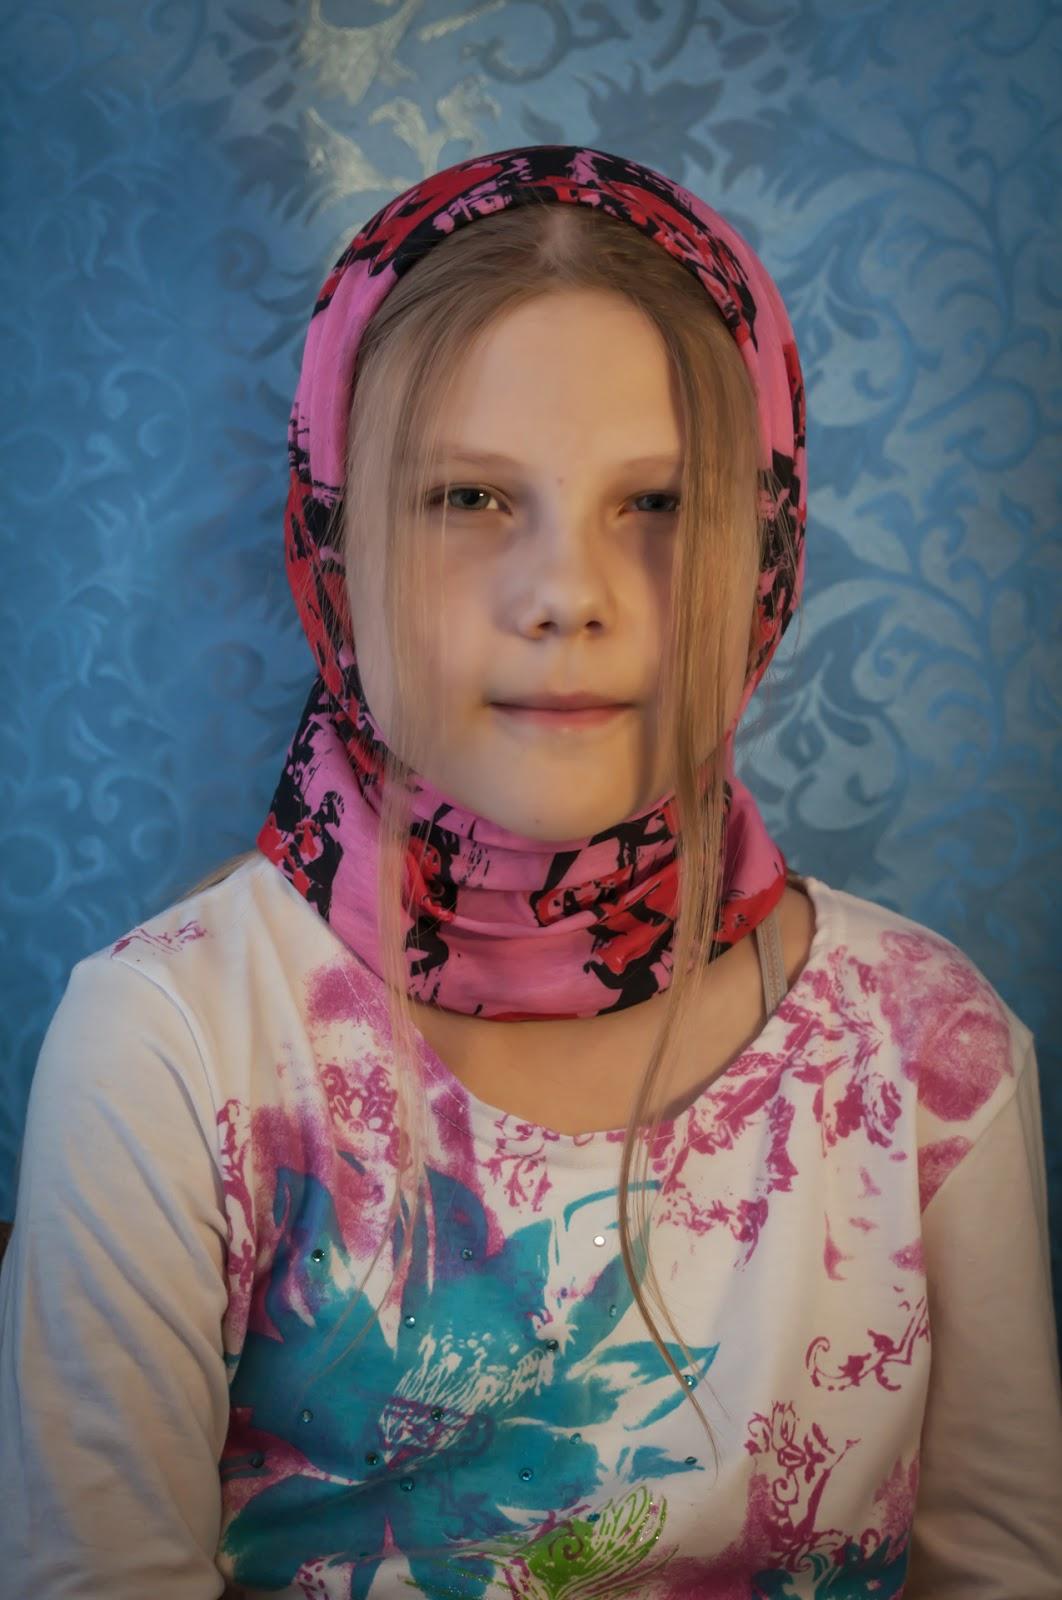 Жанна исаева, союз кинематографистов казахстана 5